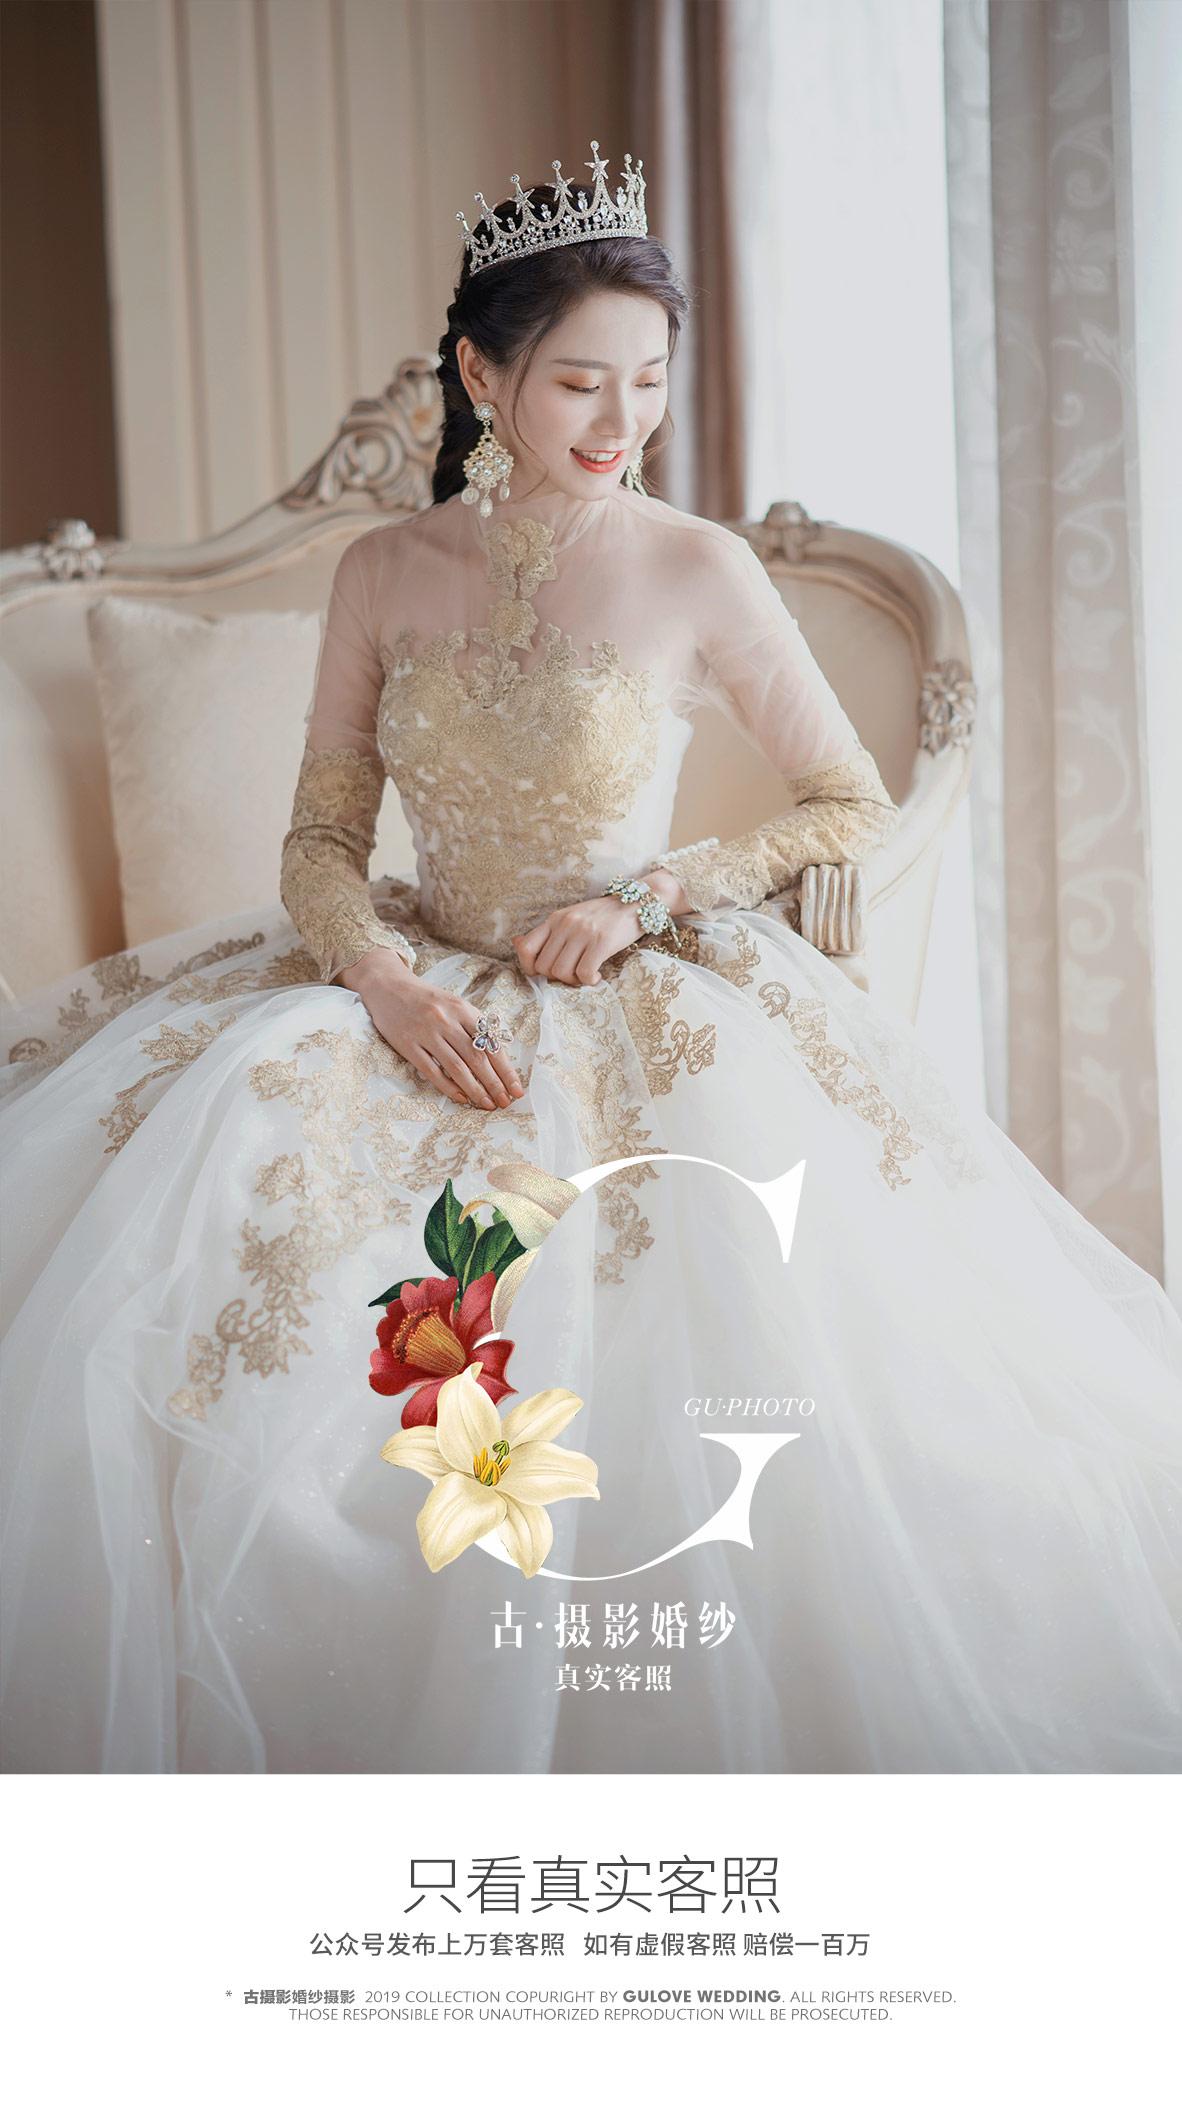 5月客照第一季 - 月度客照 - 古摄影婚纱艺术-古摄影成都婚纱摄影艺术摄影网